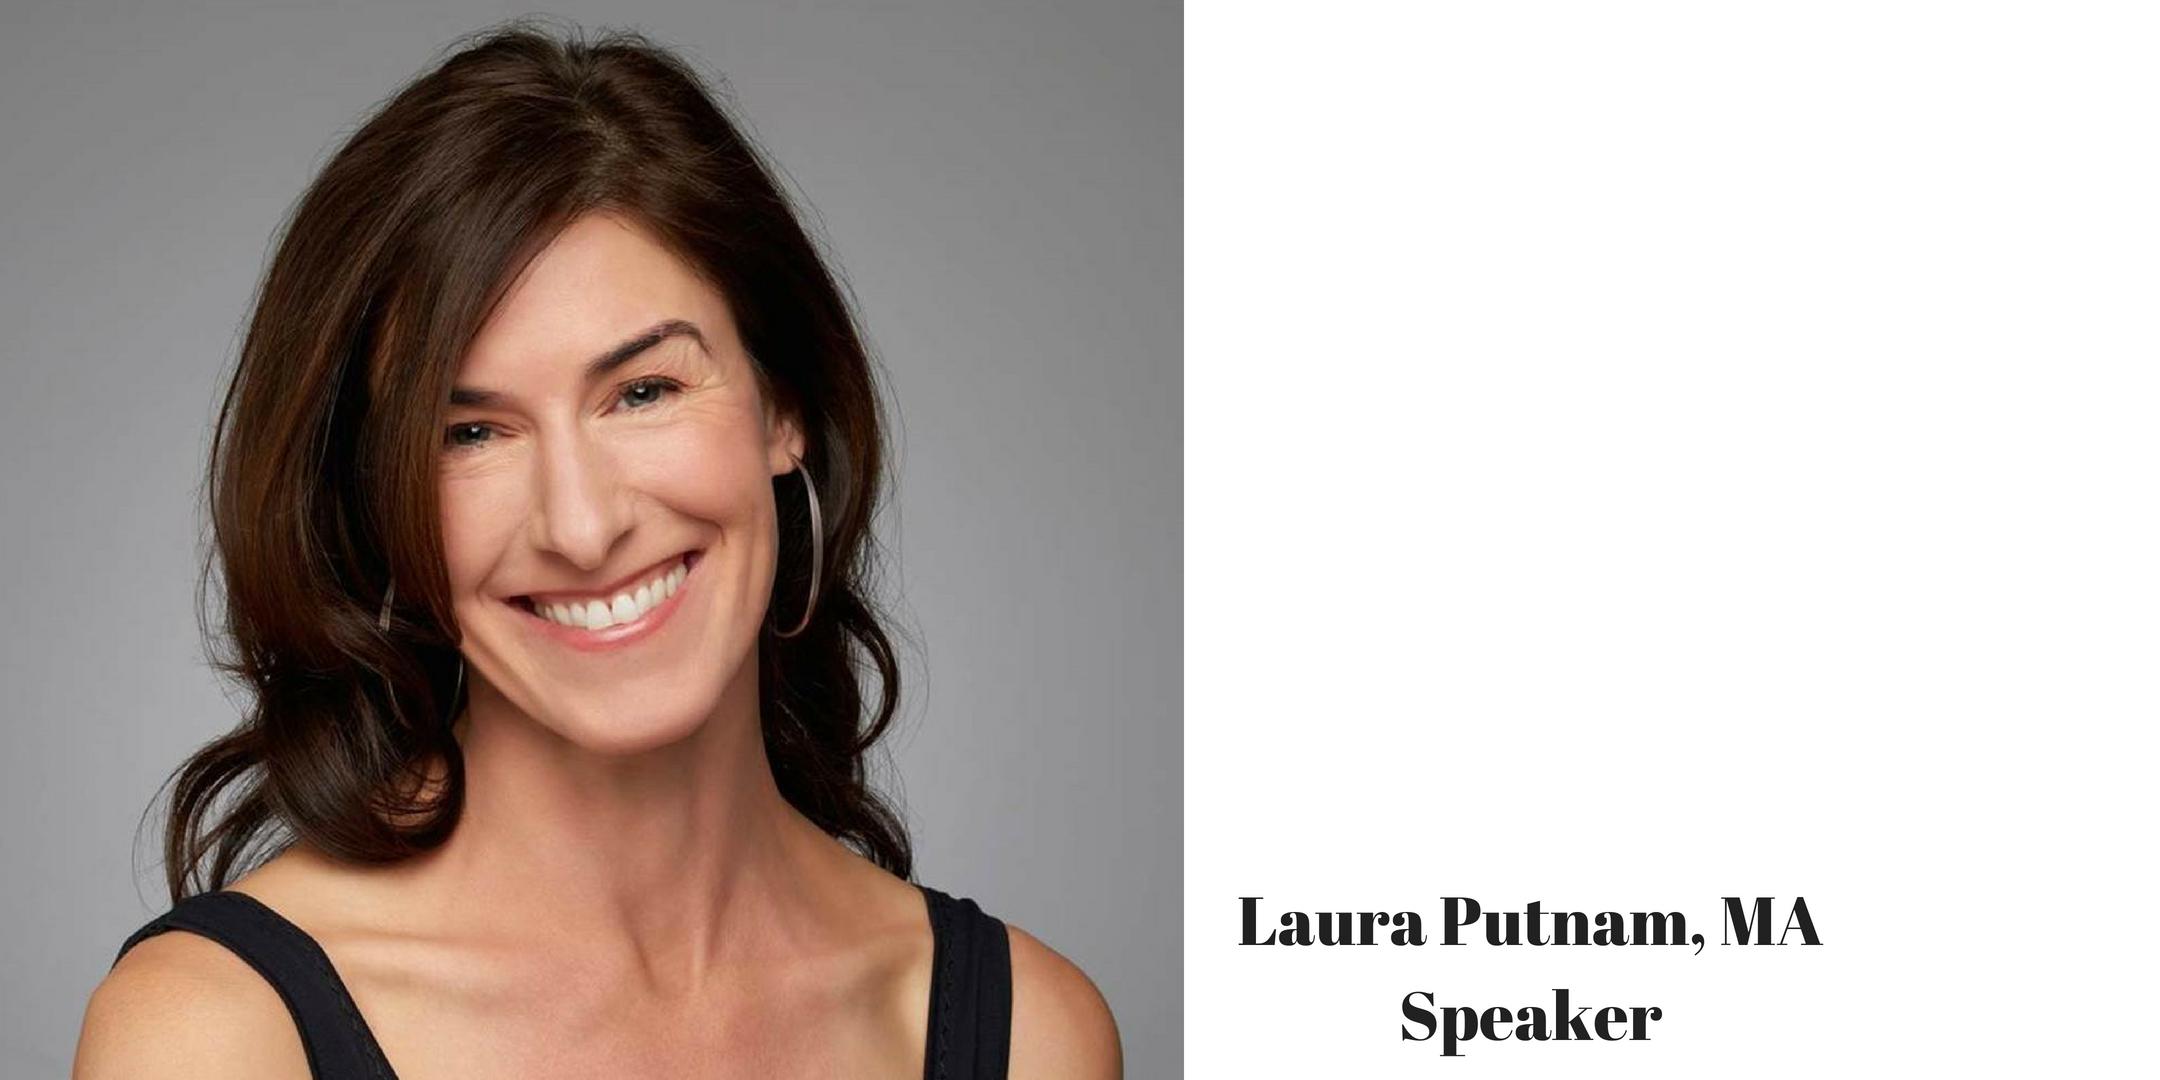 Laura Putnam MA